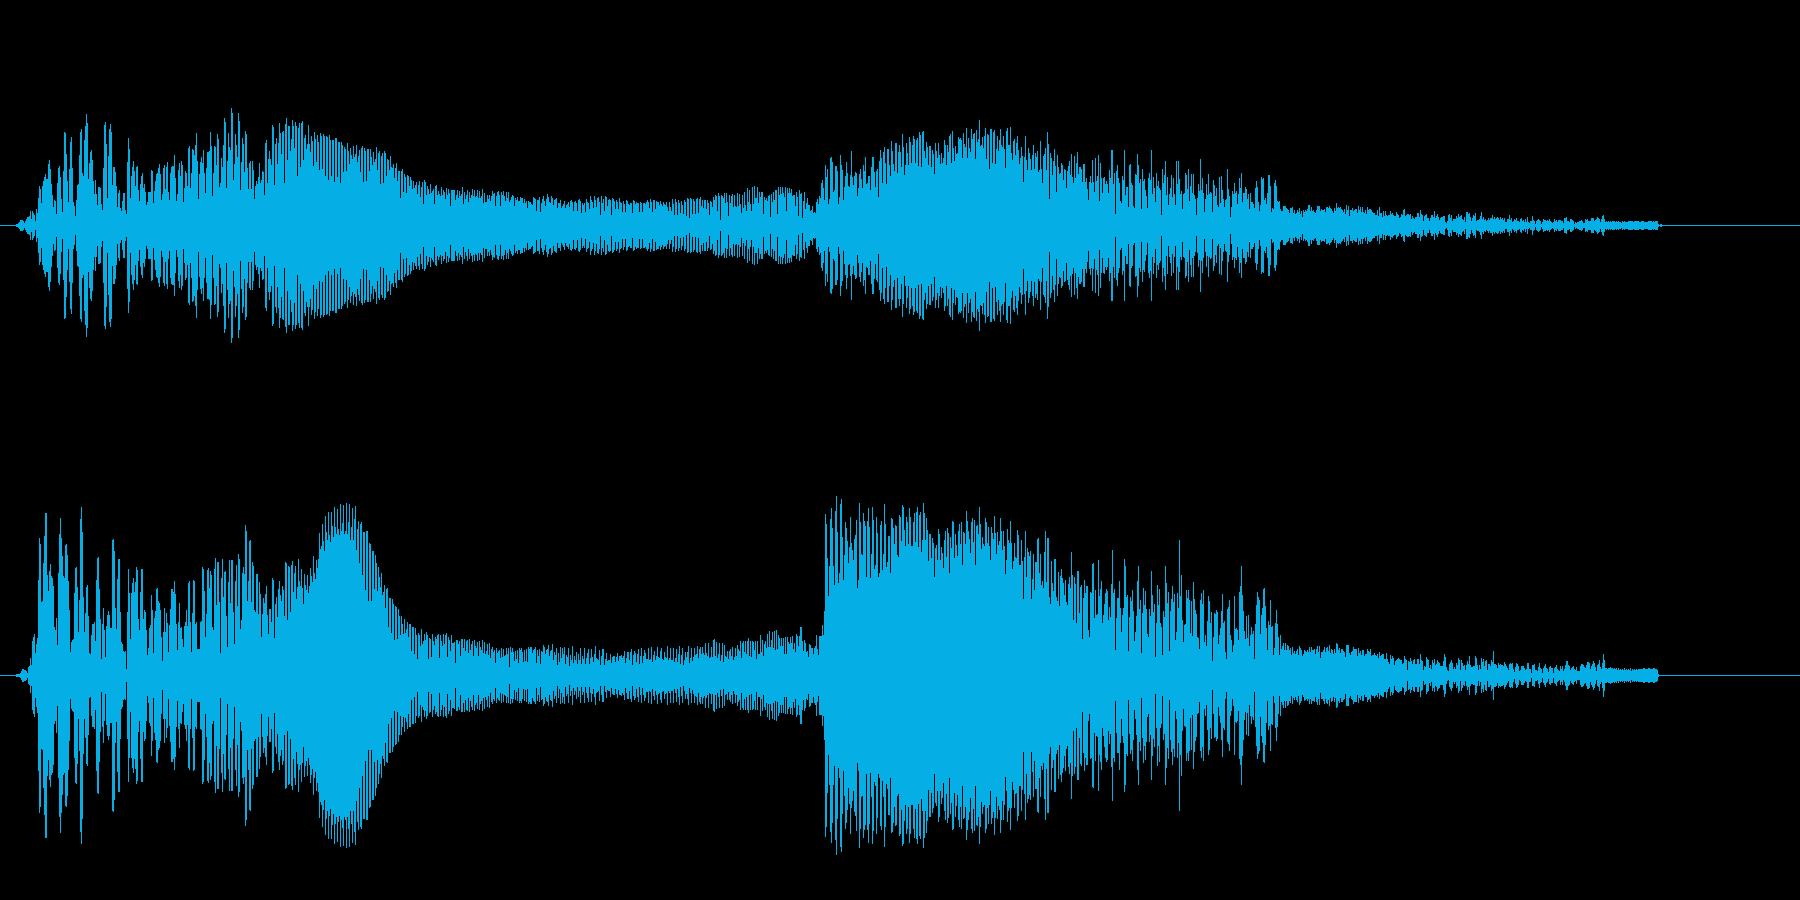 弾みのある、はじけたような音の再生済みの波形